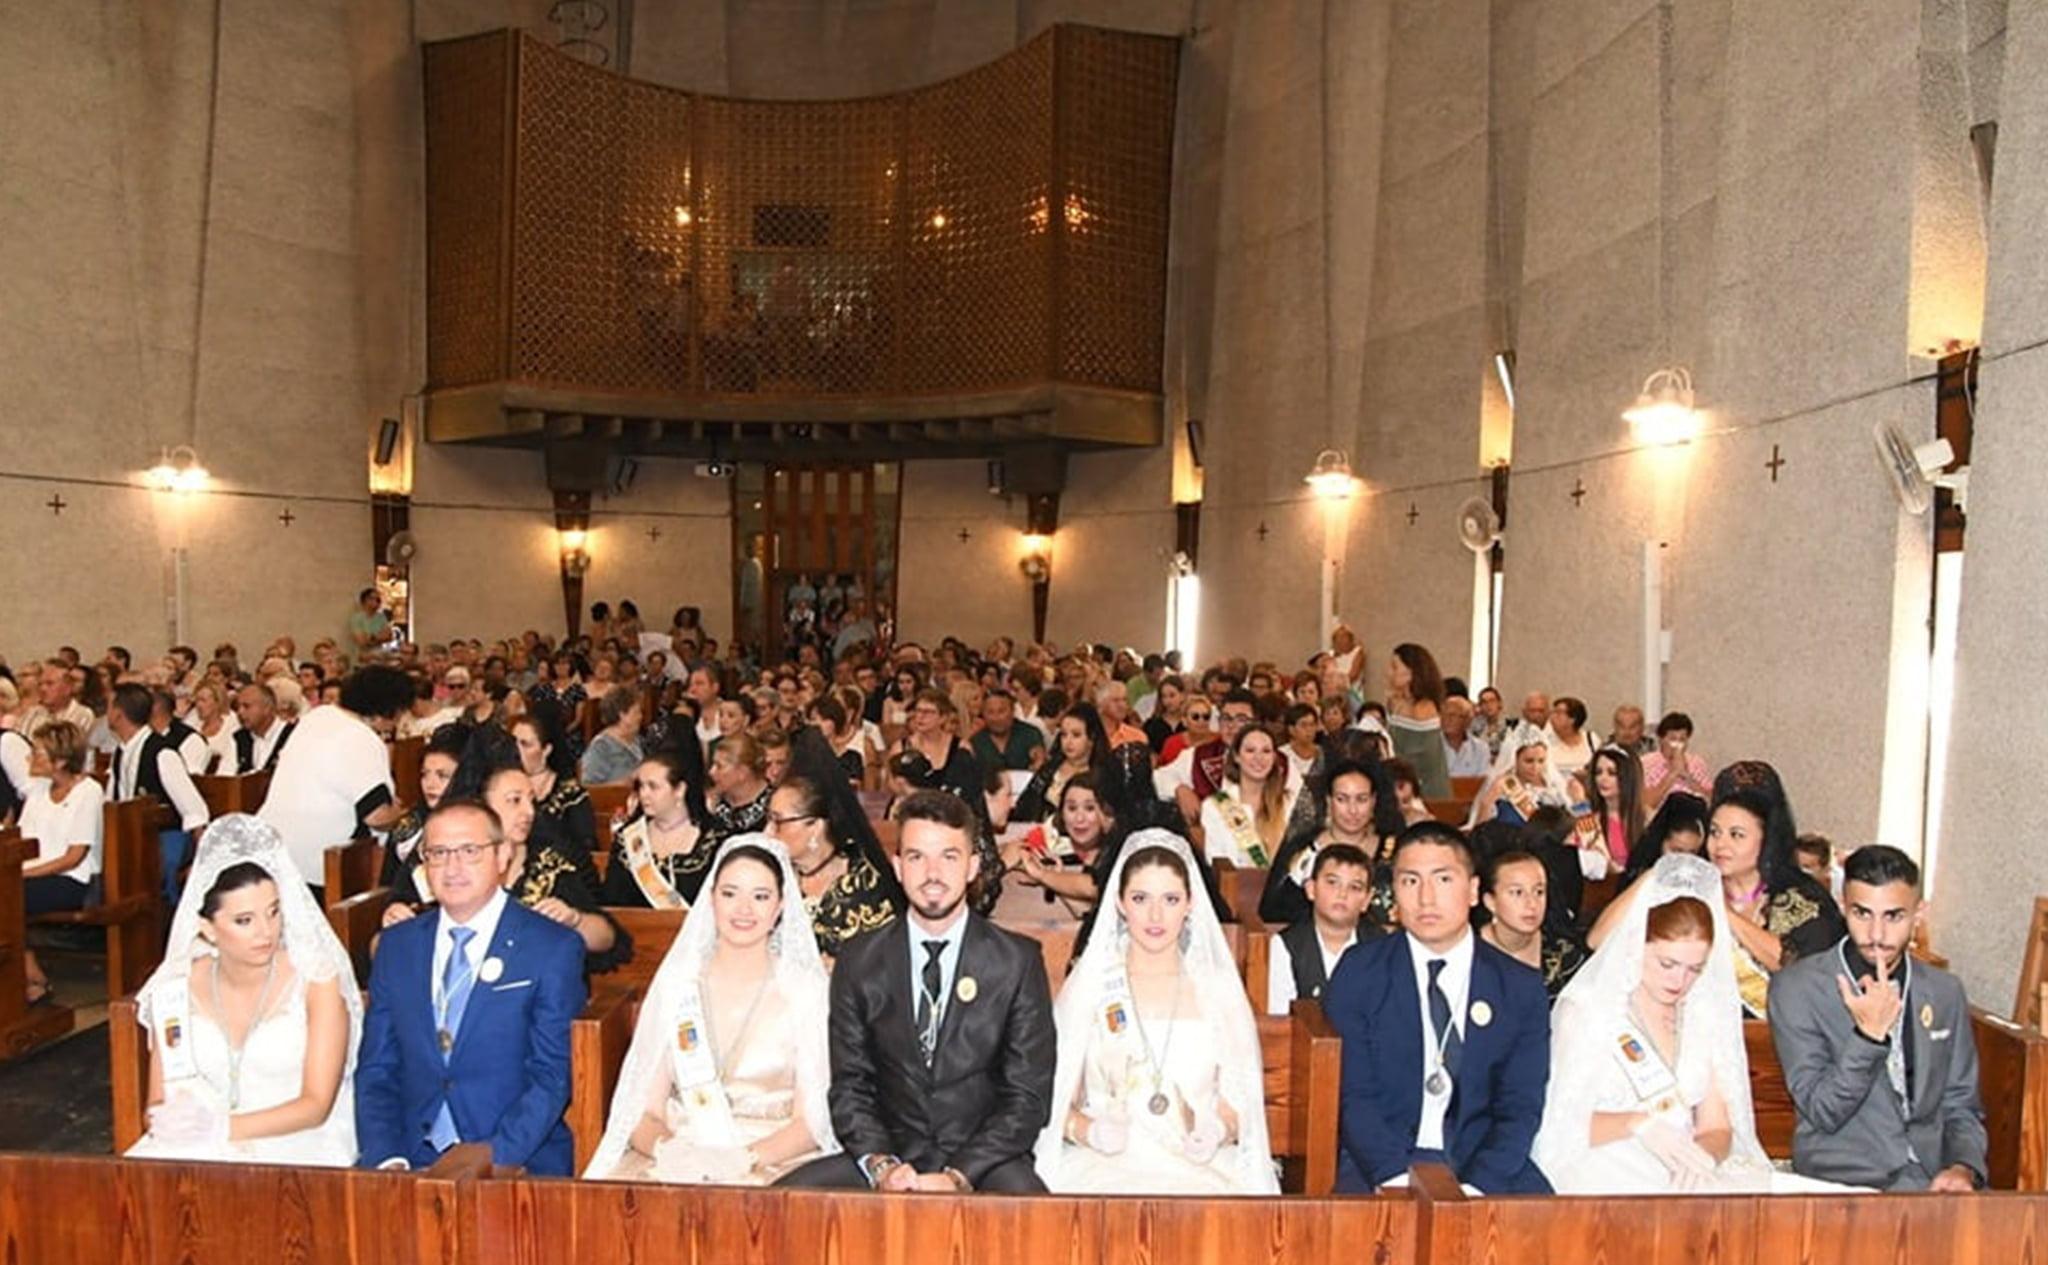 Mayorales y mayoralesas en al misa en honor a la Virgen del Loreto de Jávea